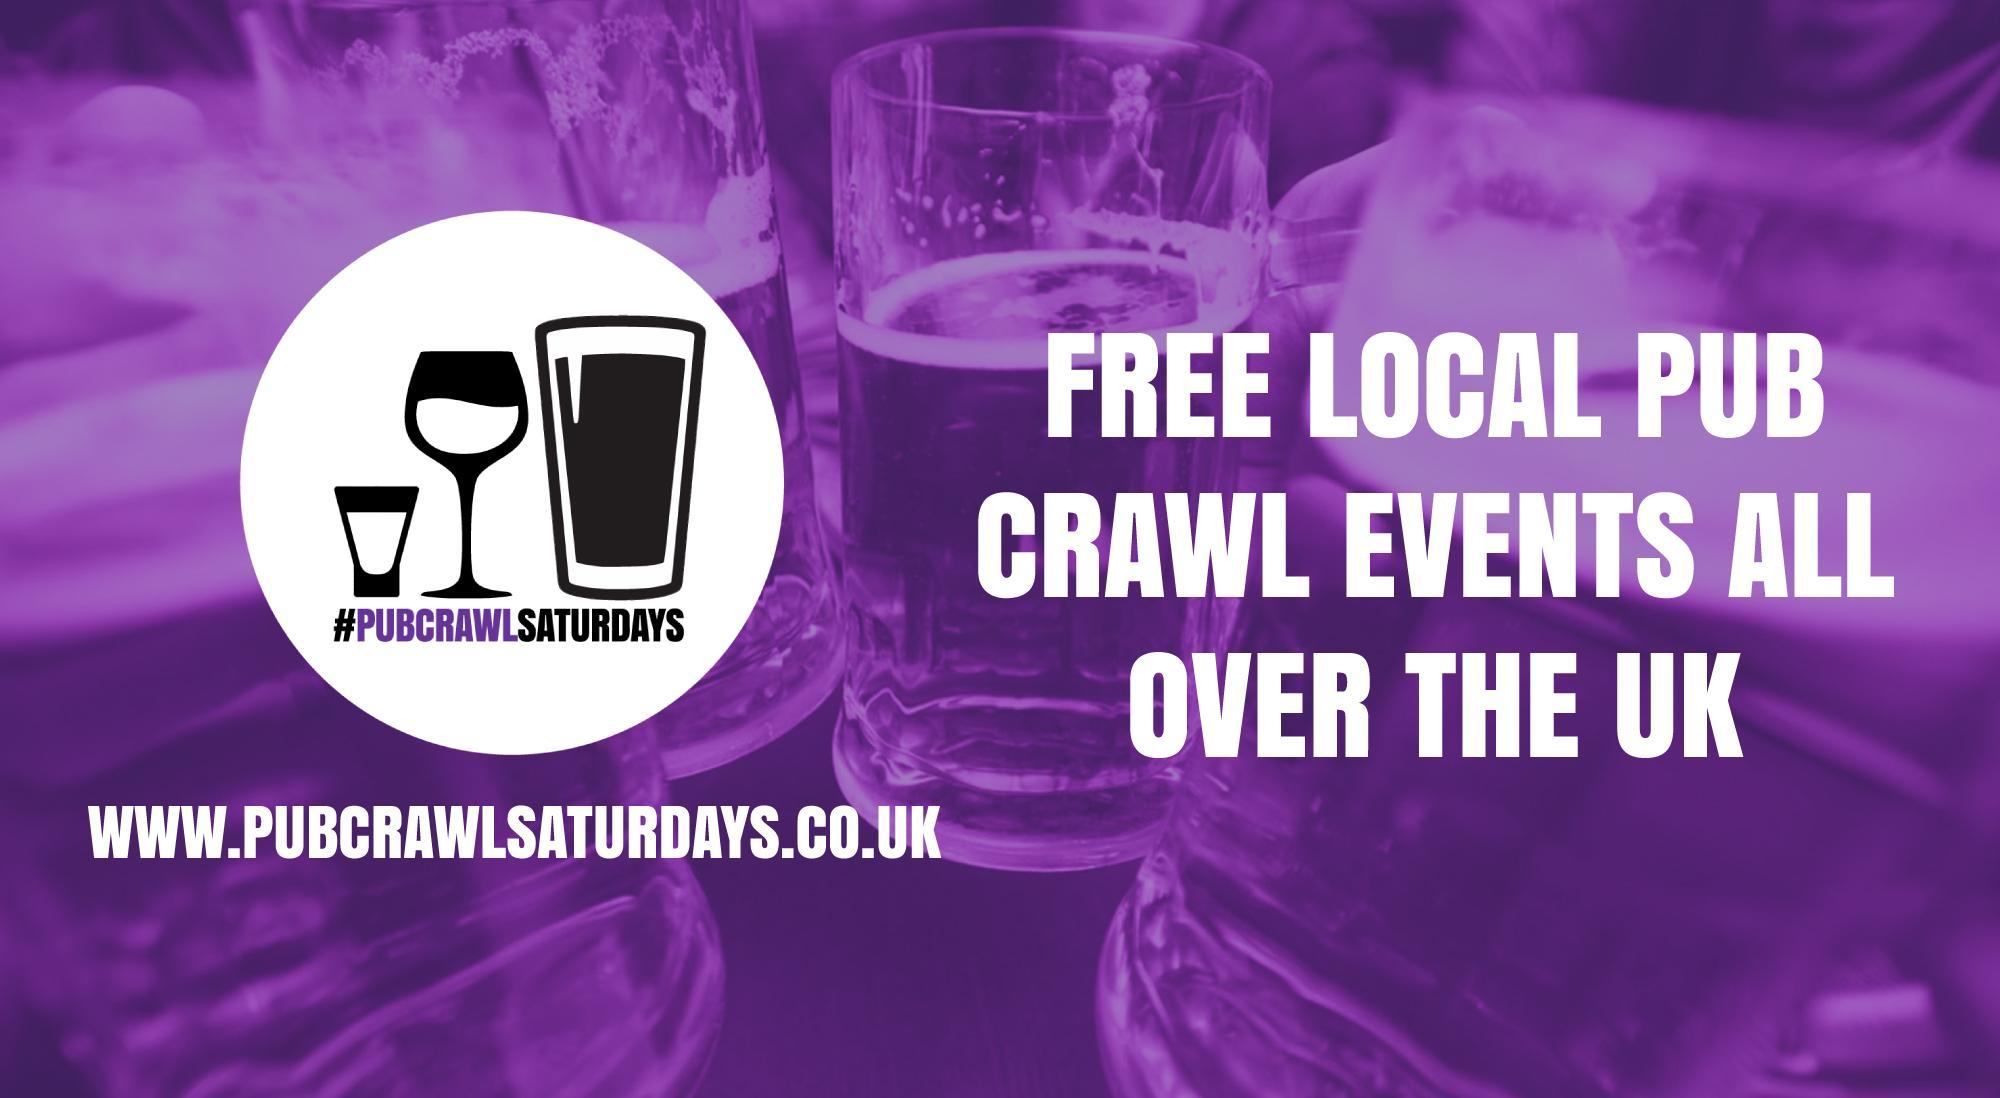 PUB CRAWL SATURDAYS! Free weekly pub crawl event in Wakefield